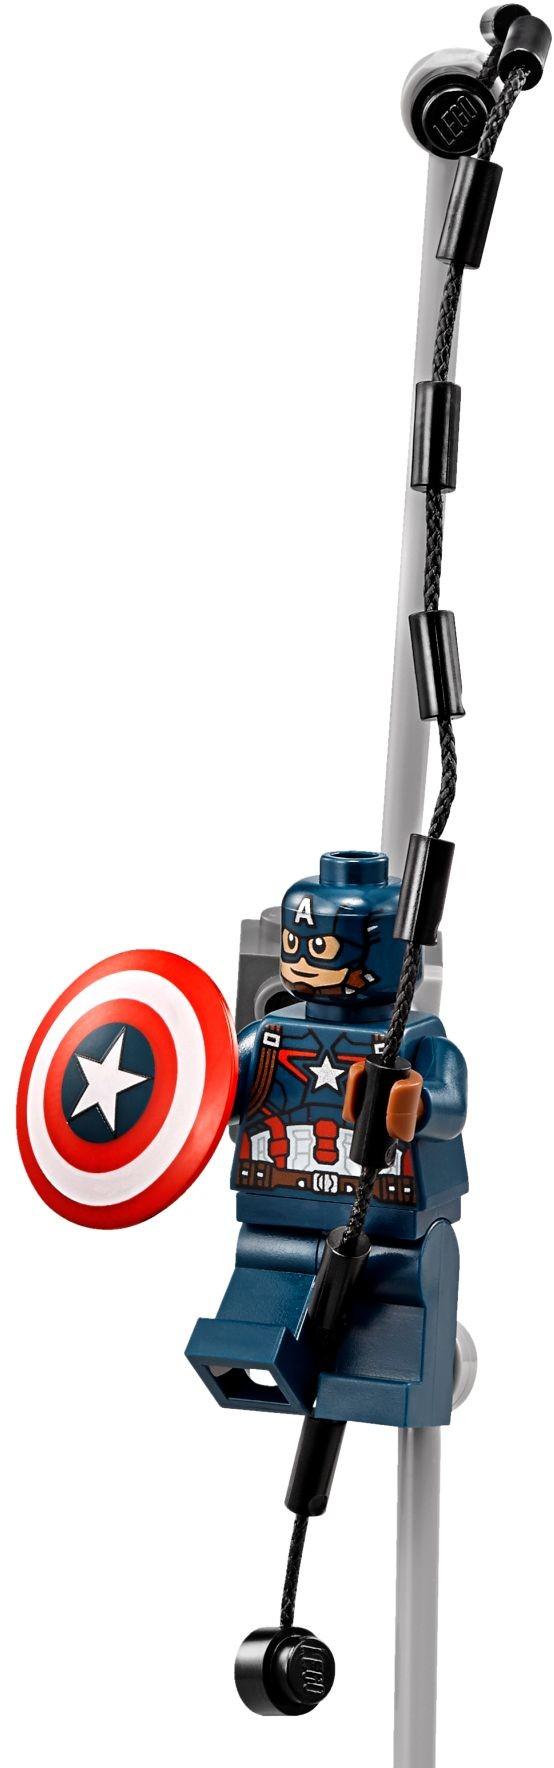 Super Battle Lego 76051 Airport Hero IfgyYbmv76